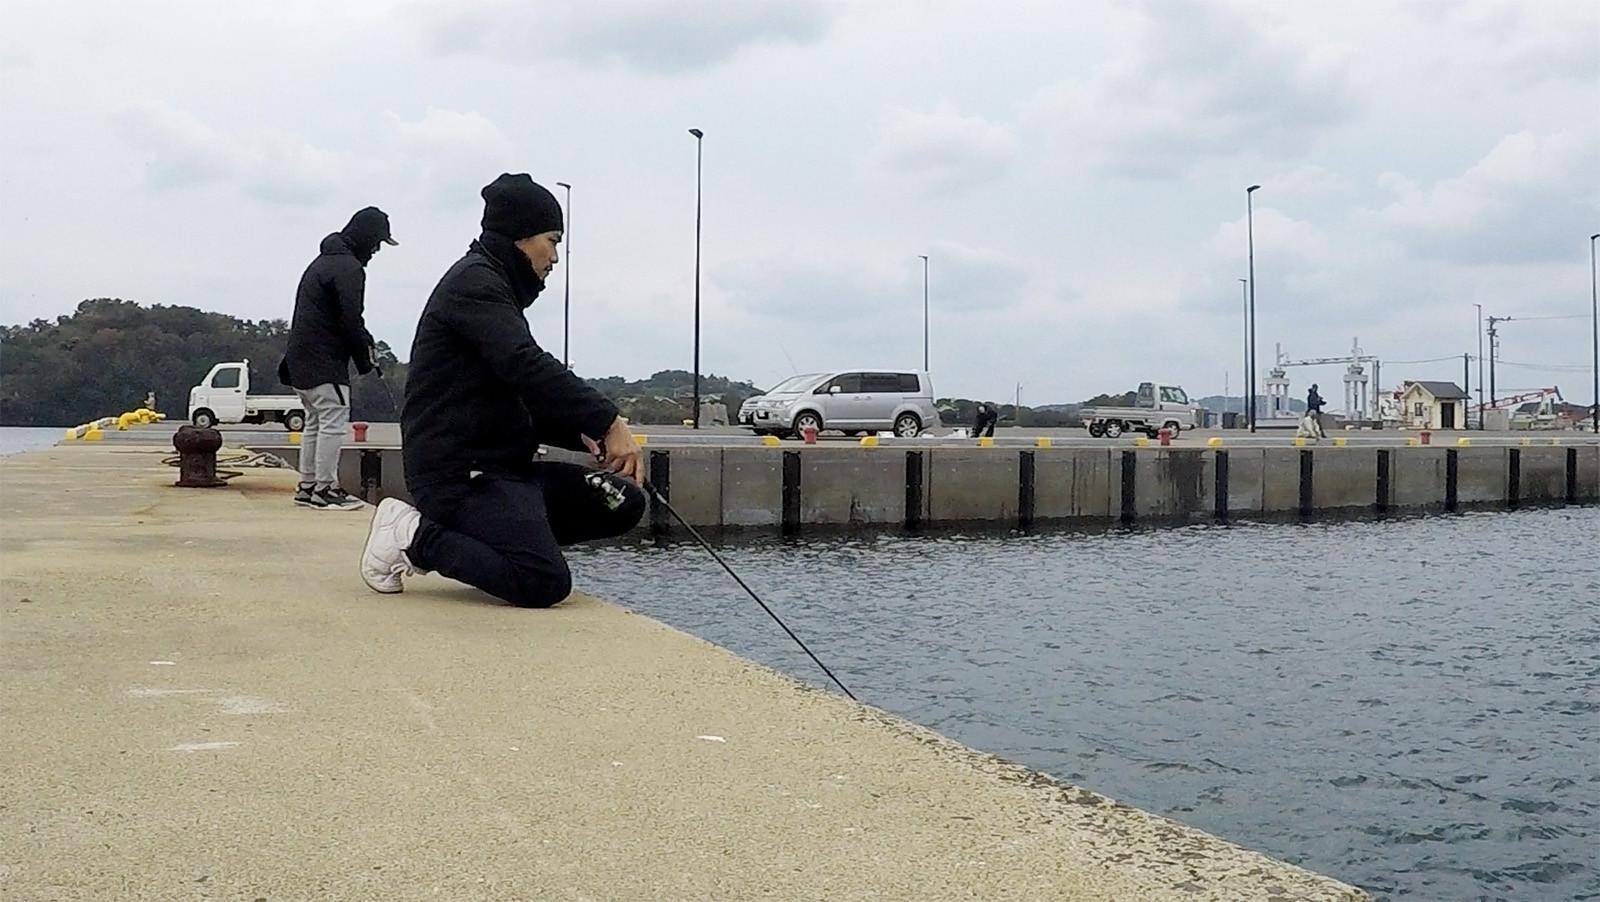 カマスを釣る際の低姿勢スタイル